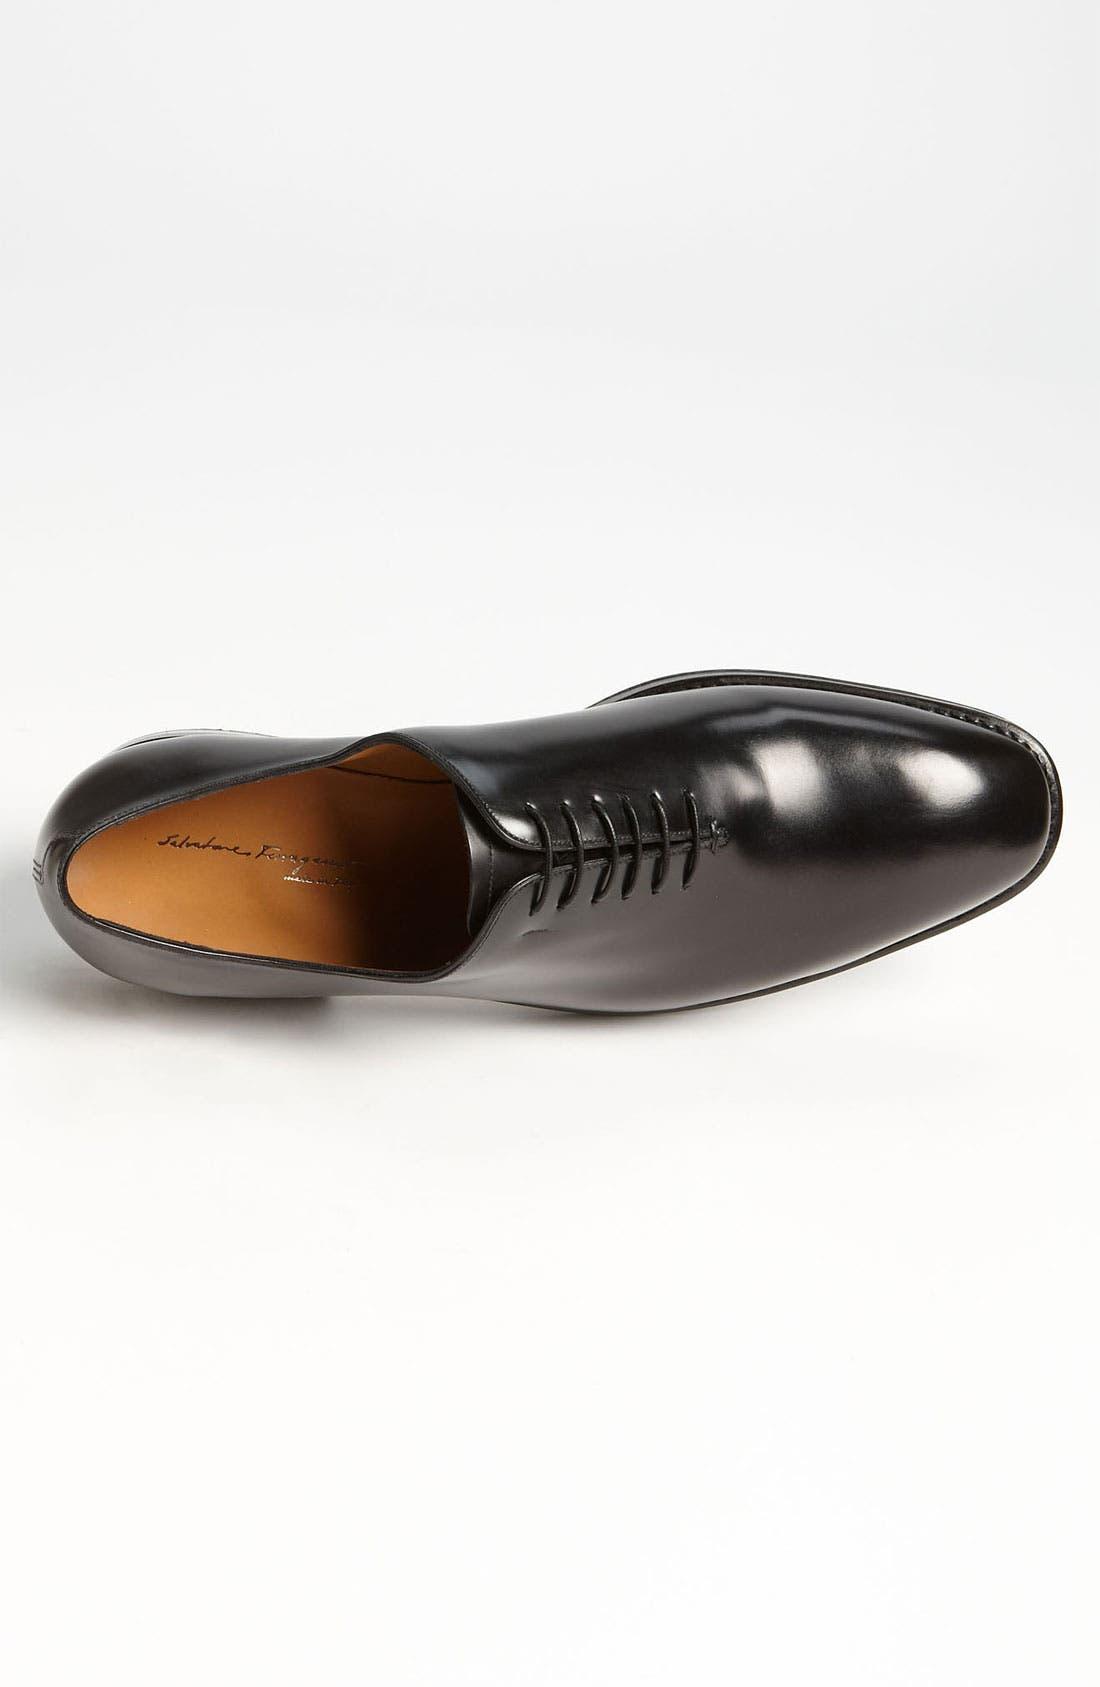 Alternate Image 3  - Salvatore Ferragamo 'Carmelo' Plain Toe Oxford